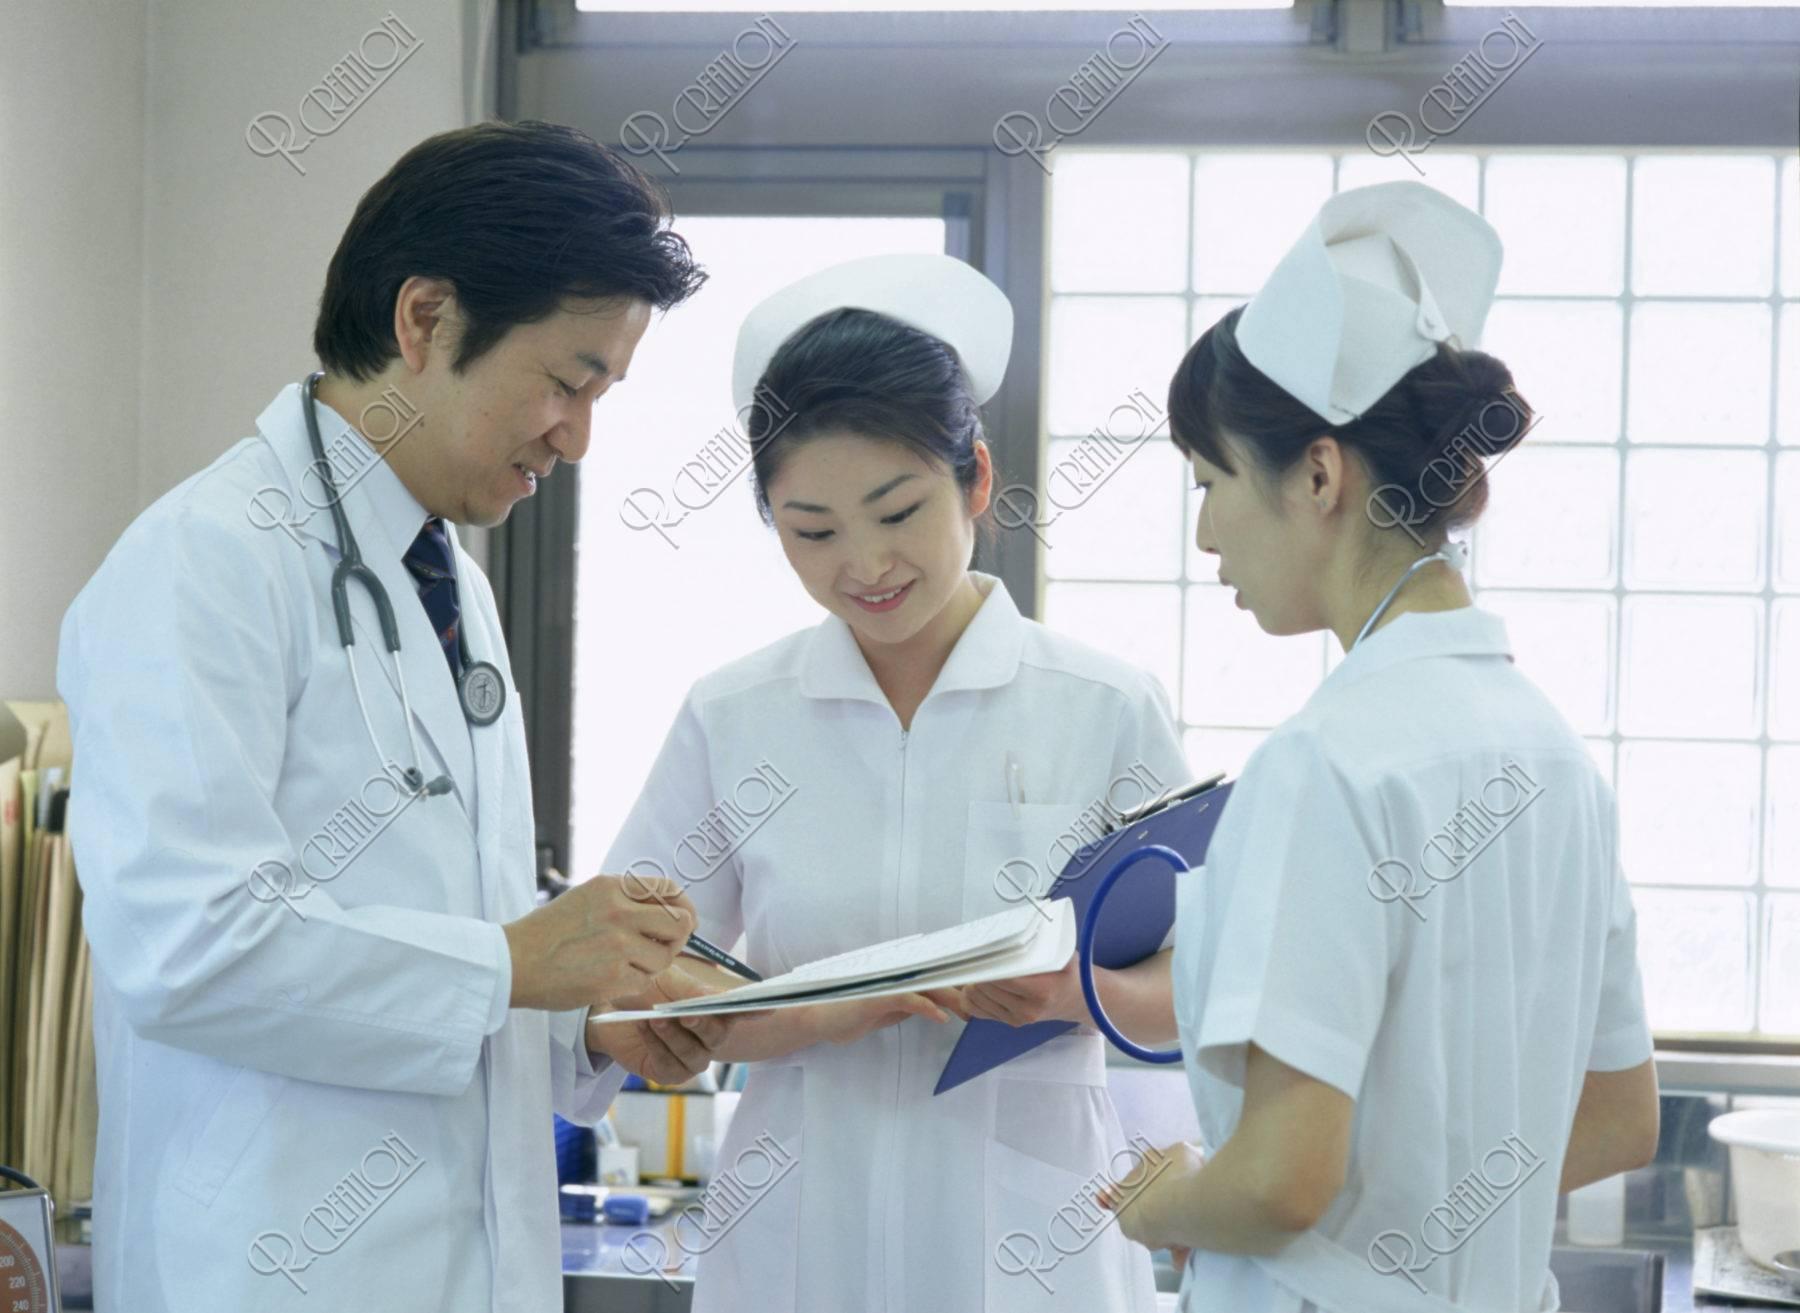 医師と看護士